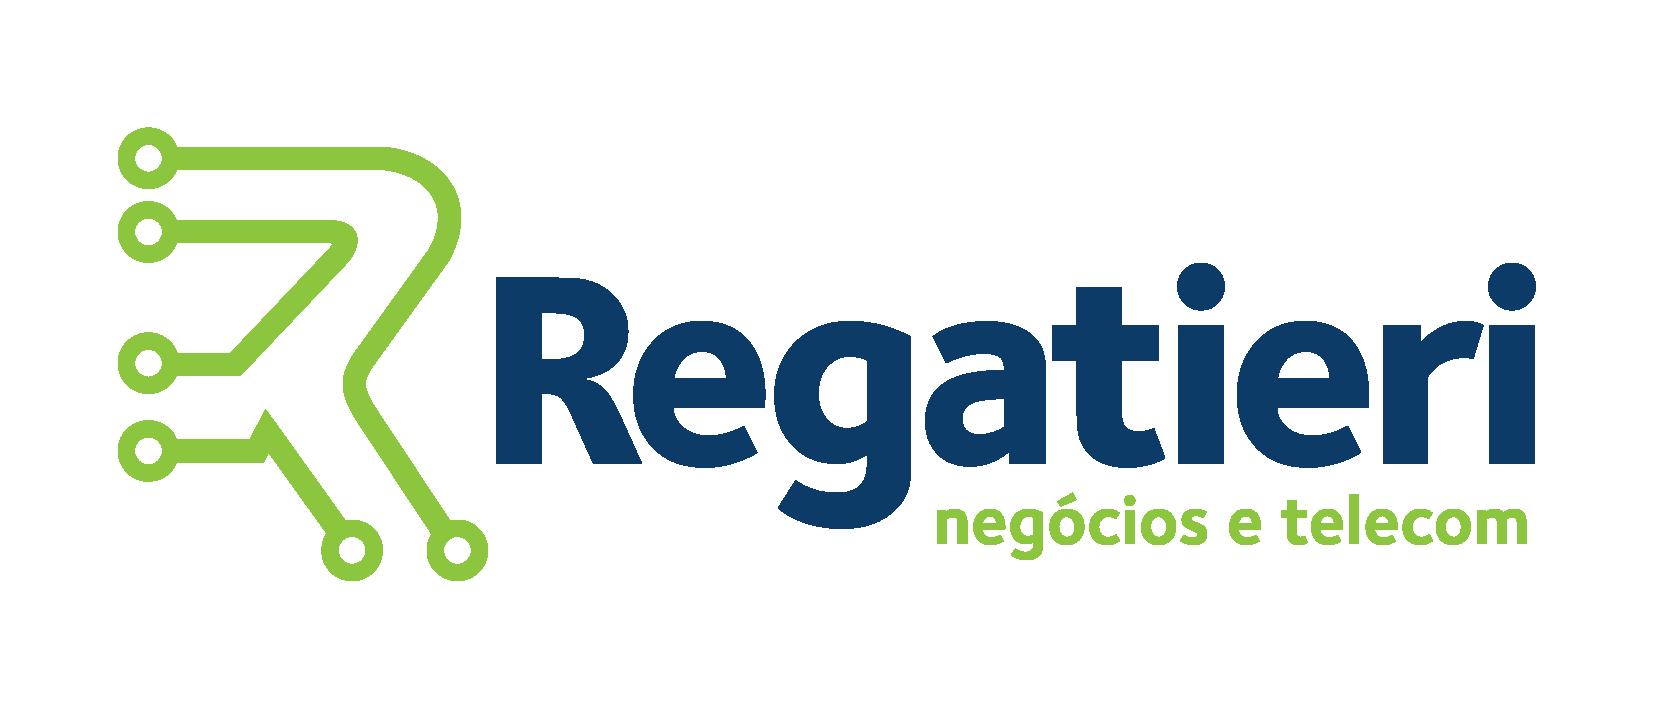 Regatieri Negócios e Telecom Novo